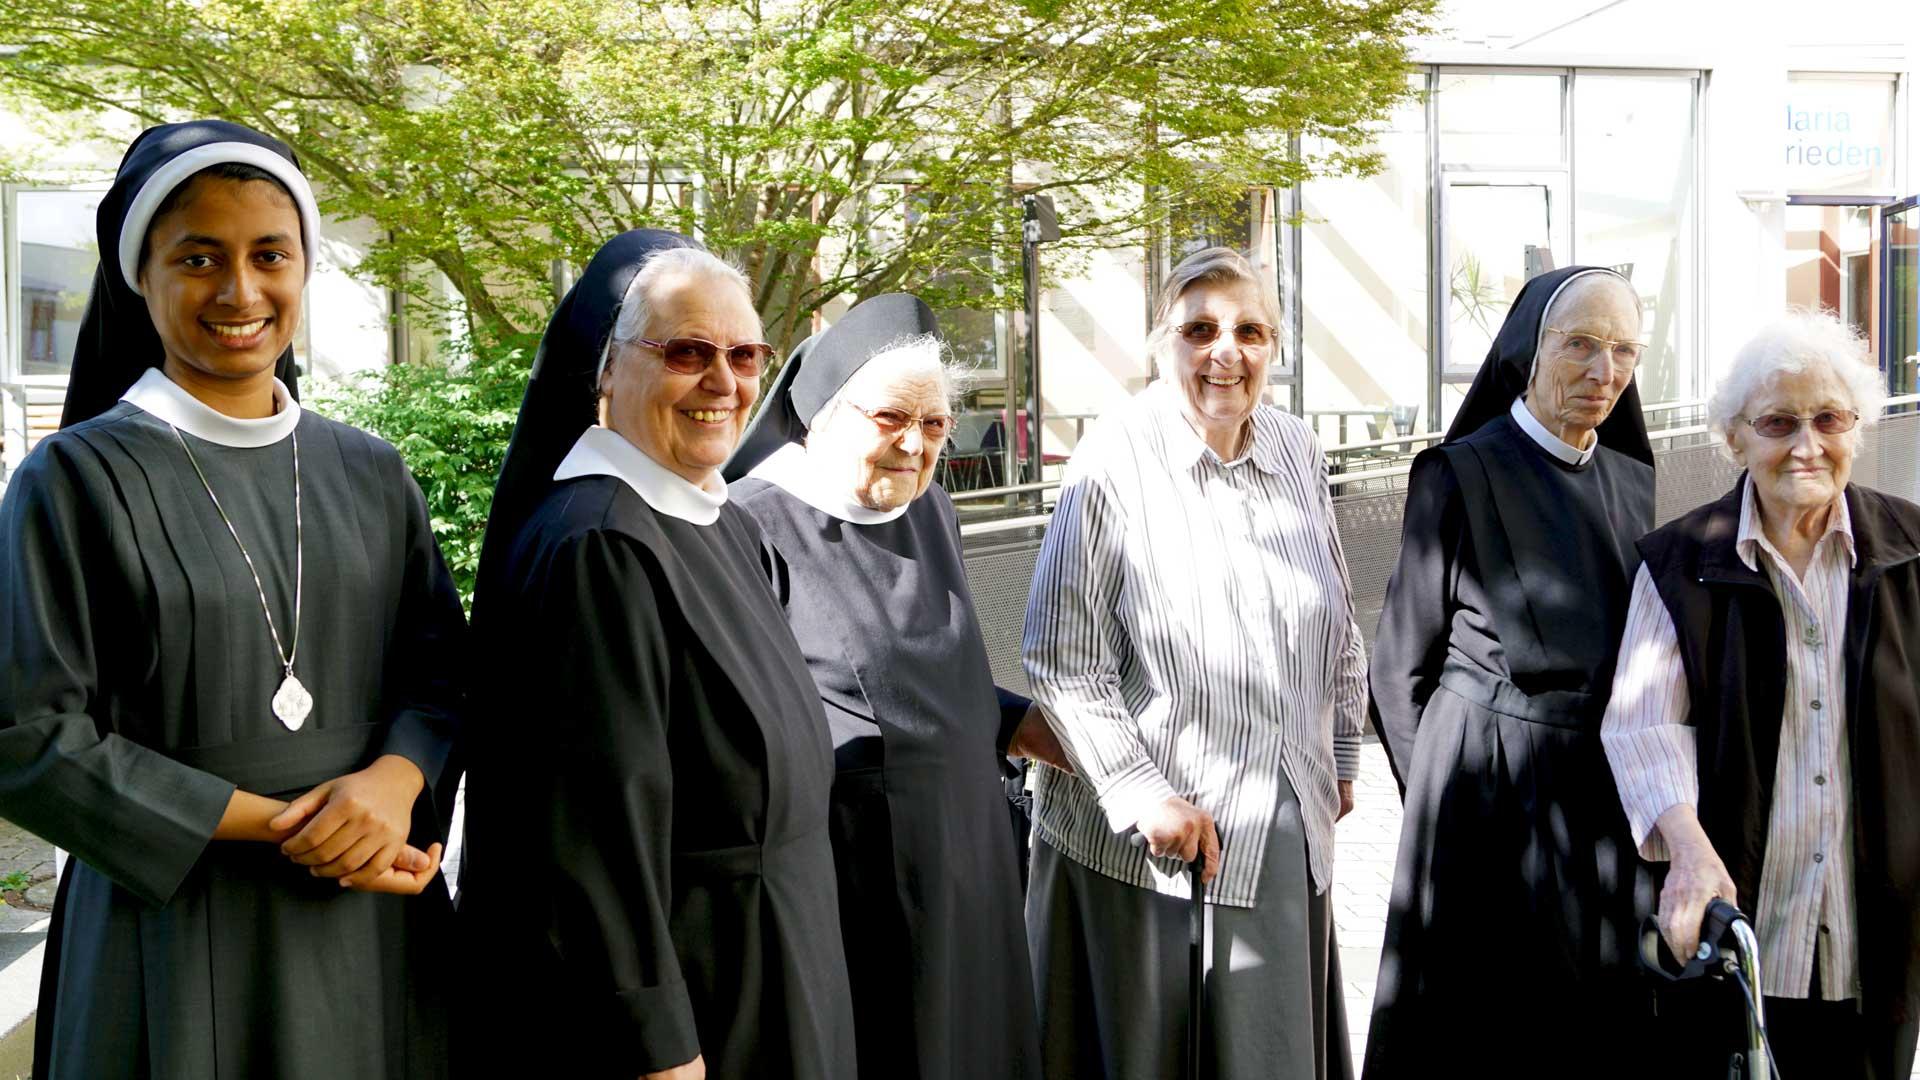 Seniorenzentrum-Bruder-Konrad-Stift-Schwestern-mit-Senioren